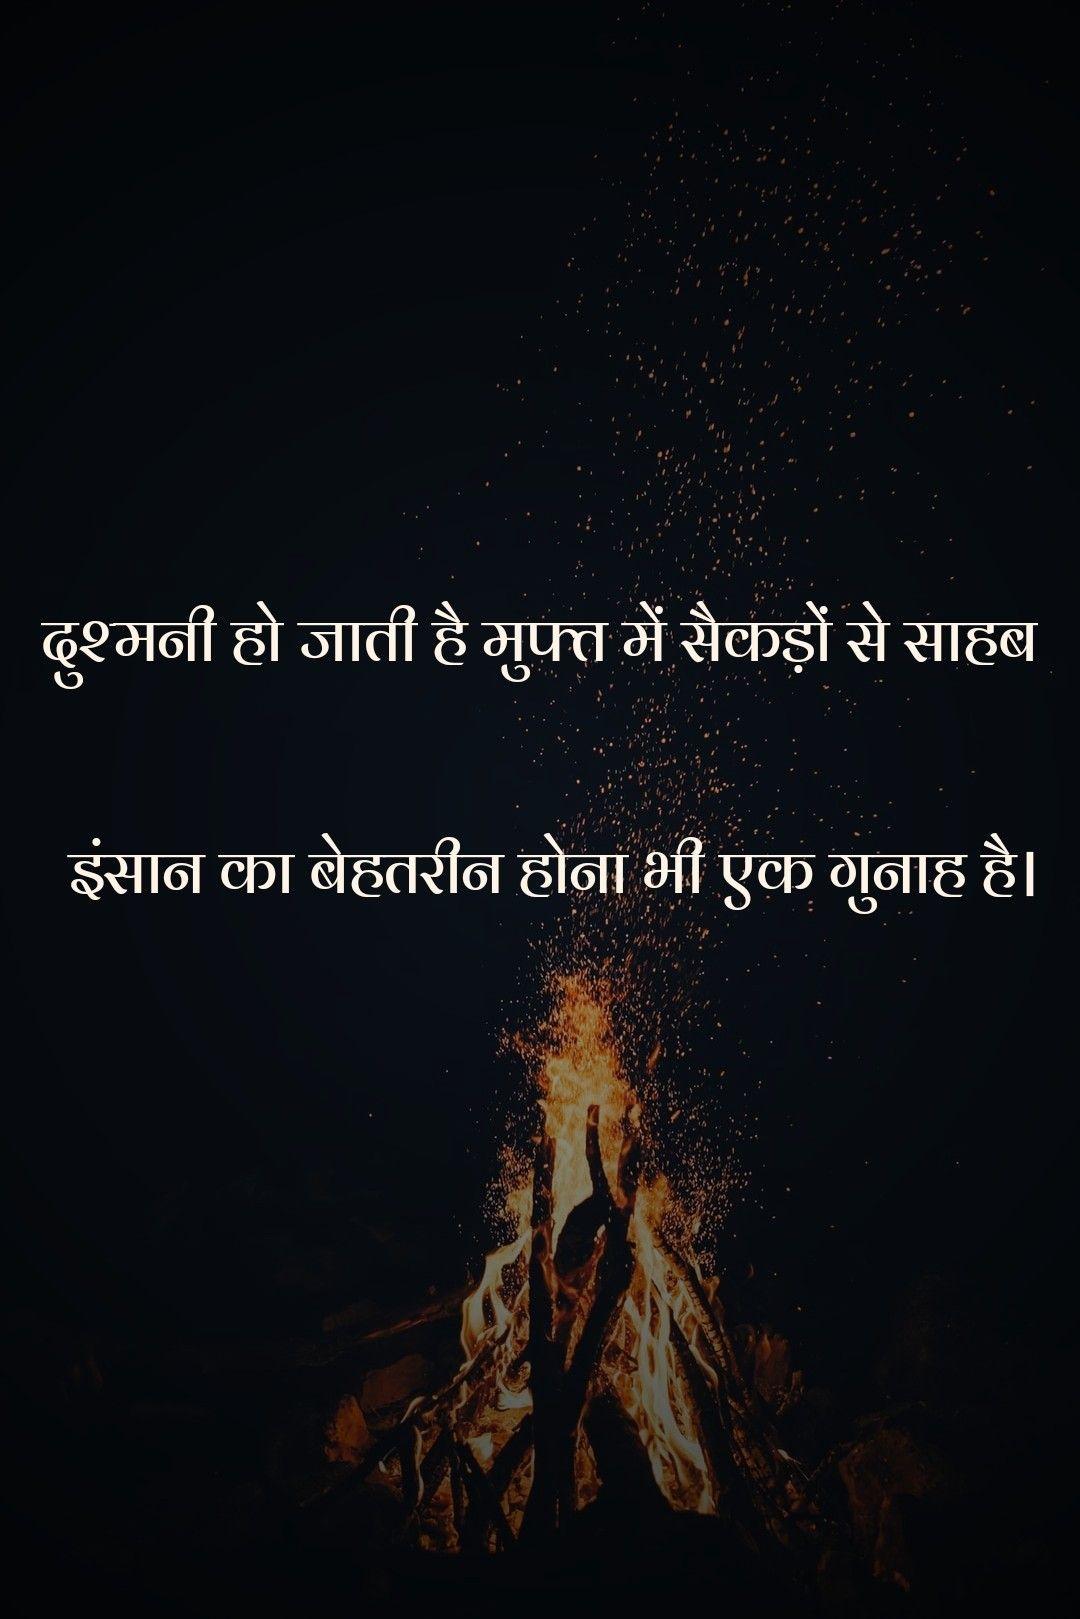 Pin on Hindi poems